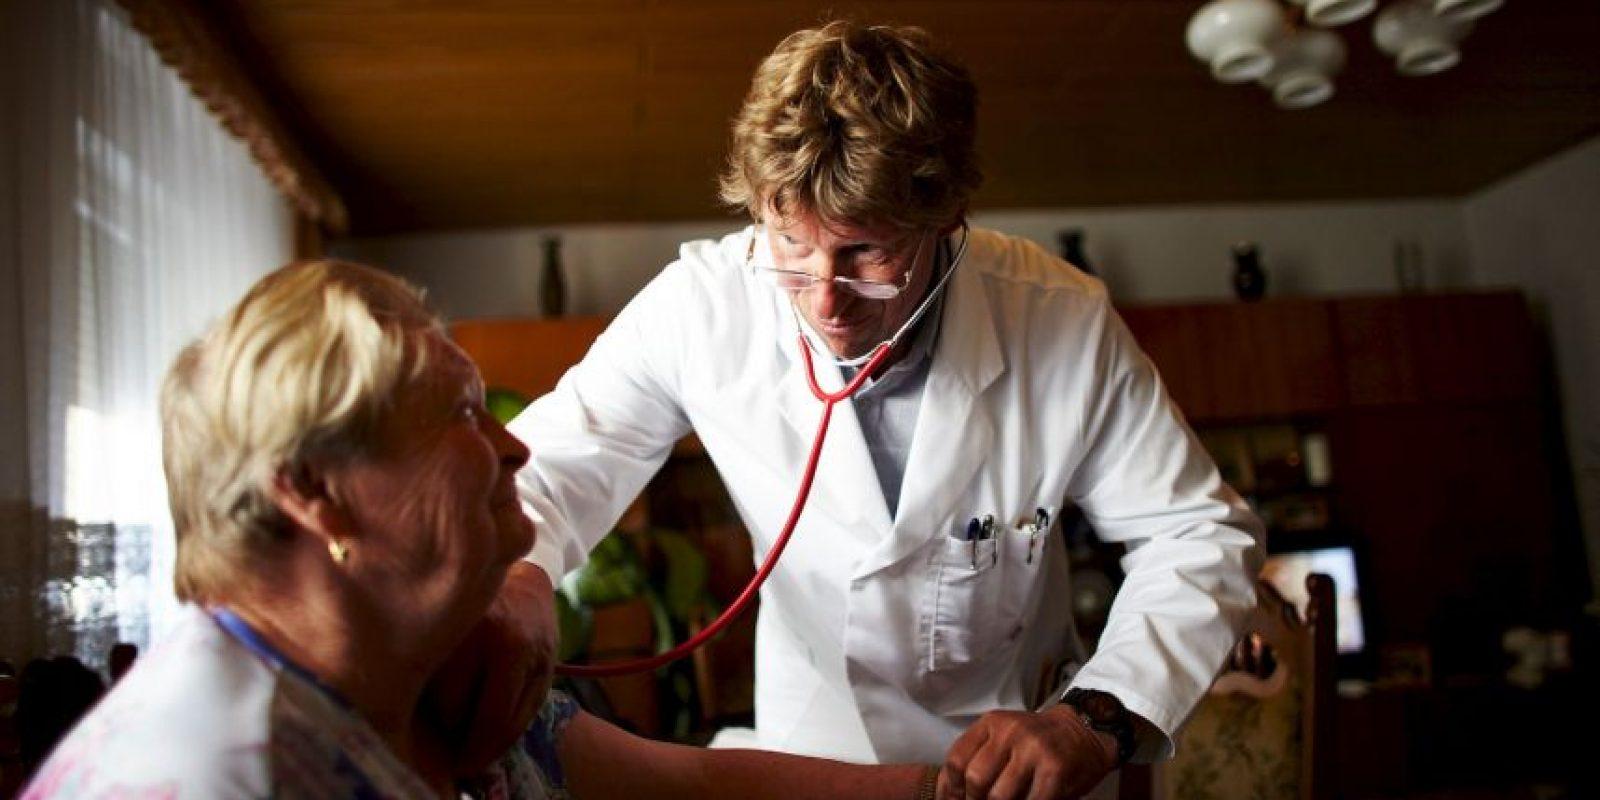 5. Se calcula que 3.4 millones de niños viven con el VIH/SIDA. Foto:Getty Images